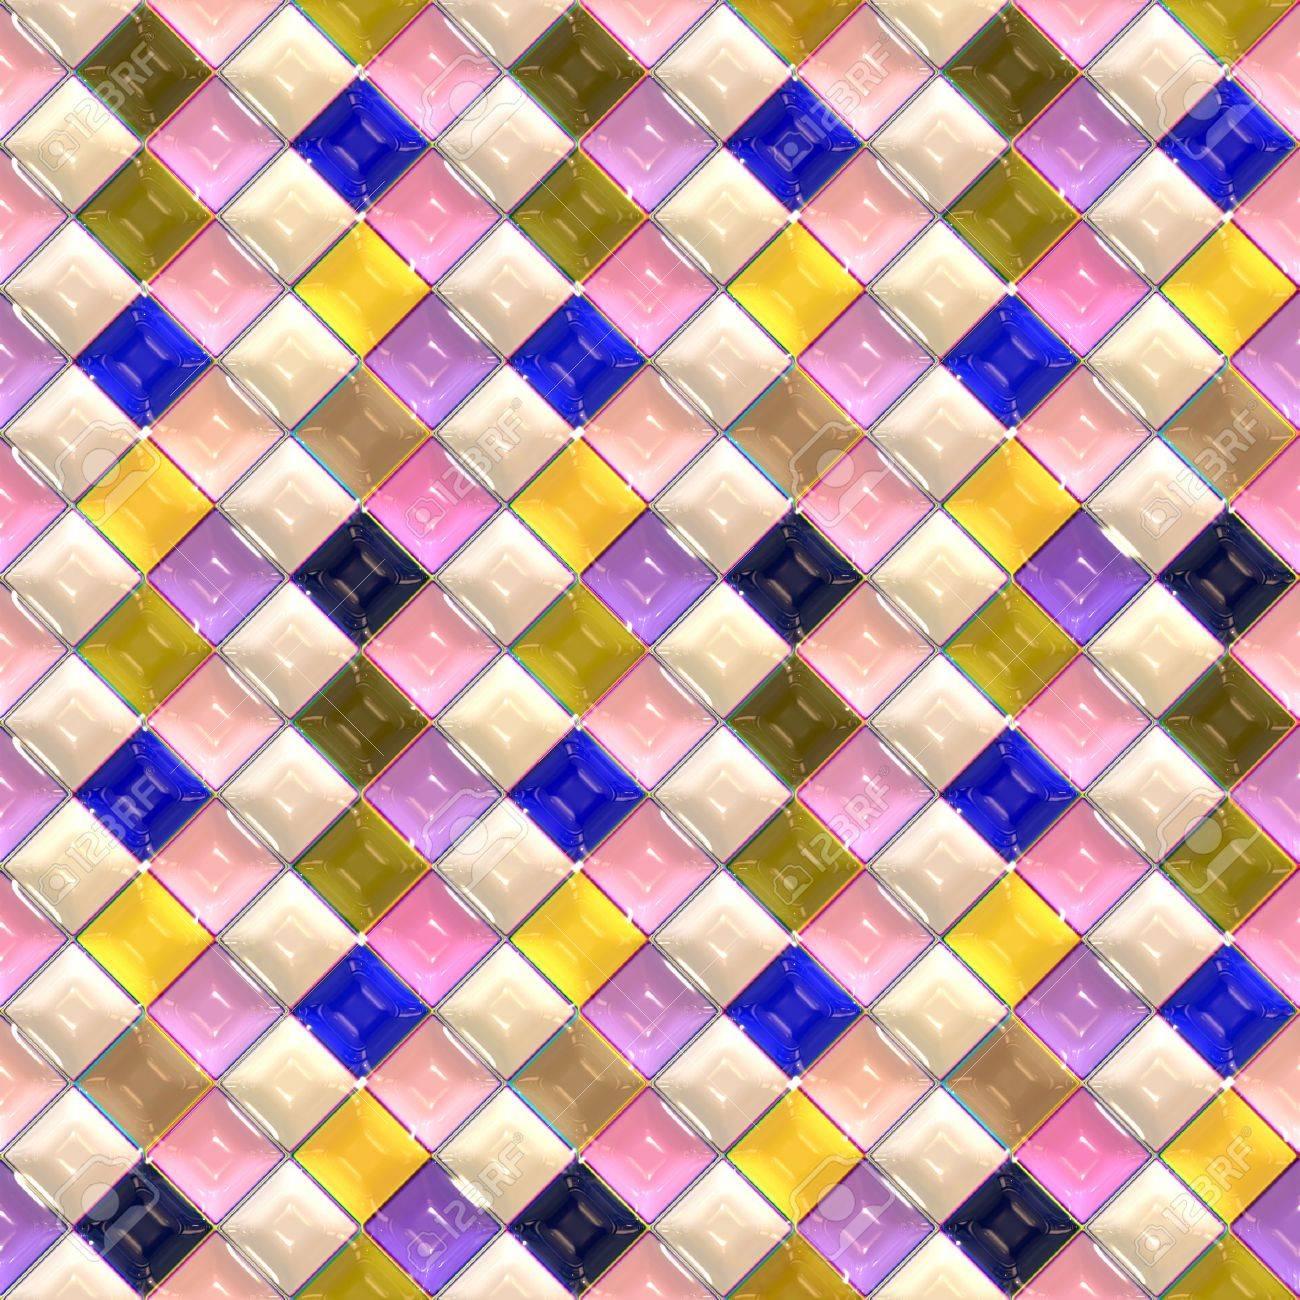 d textura perfecta de azulejos de colores pastel brillante foto de archivo